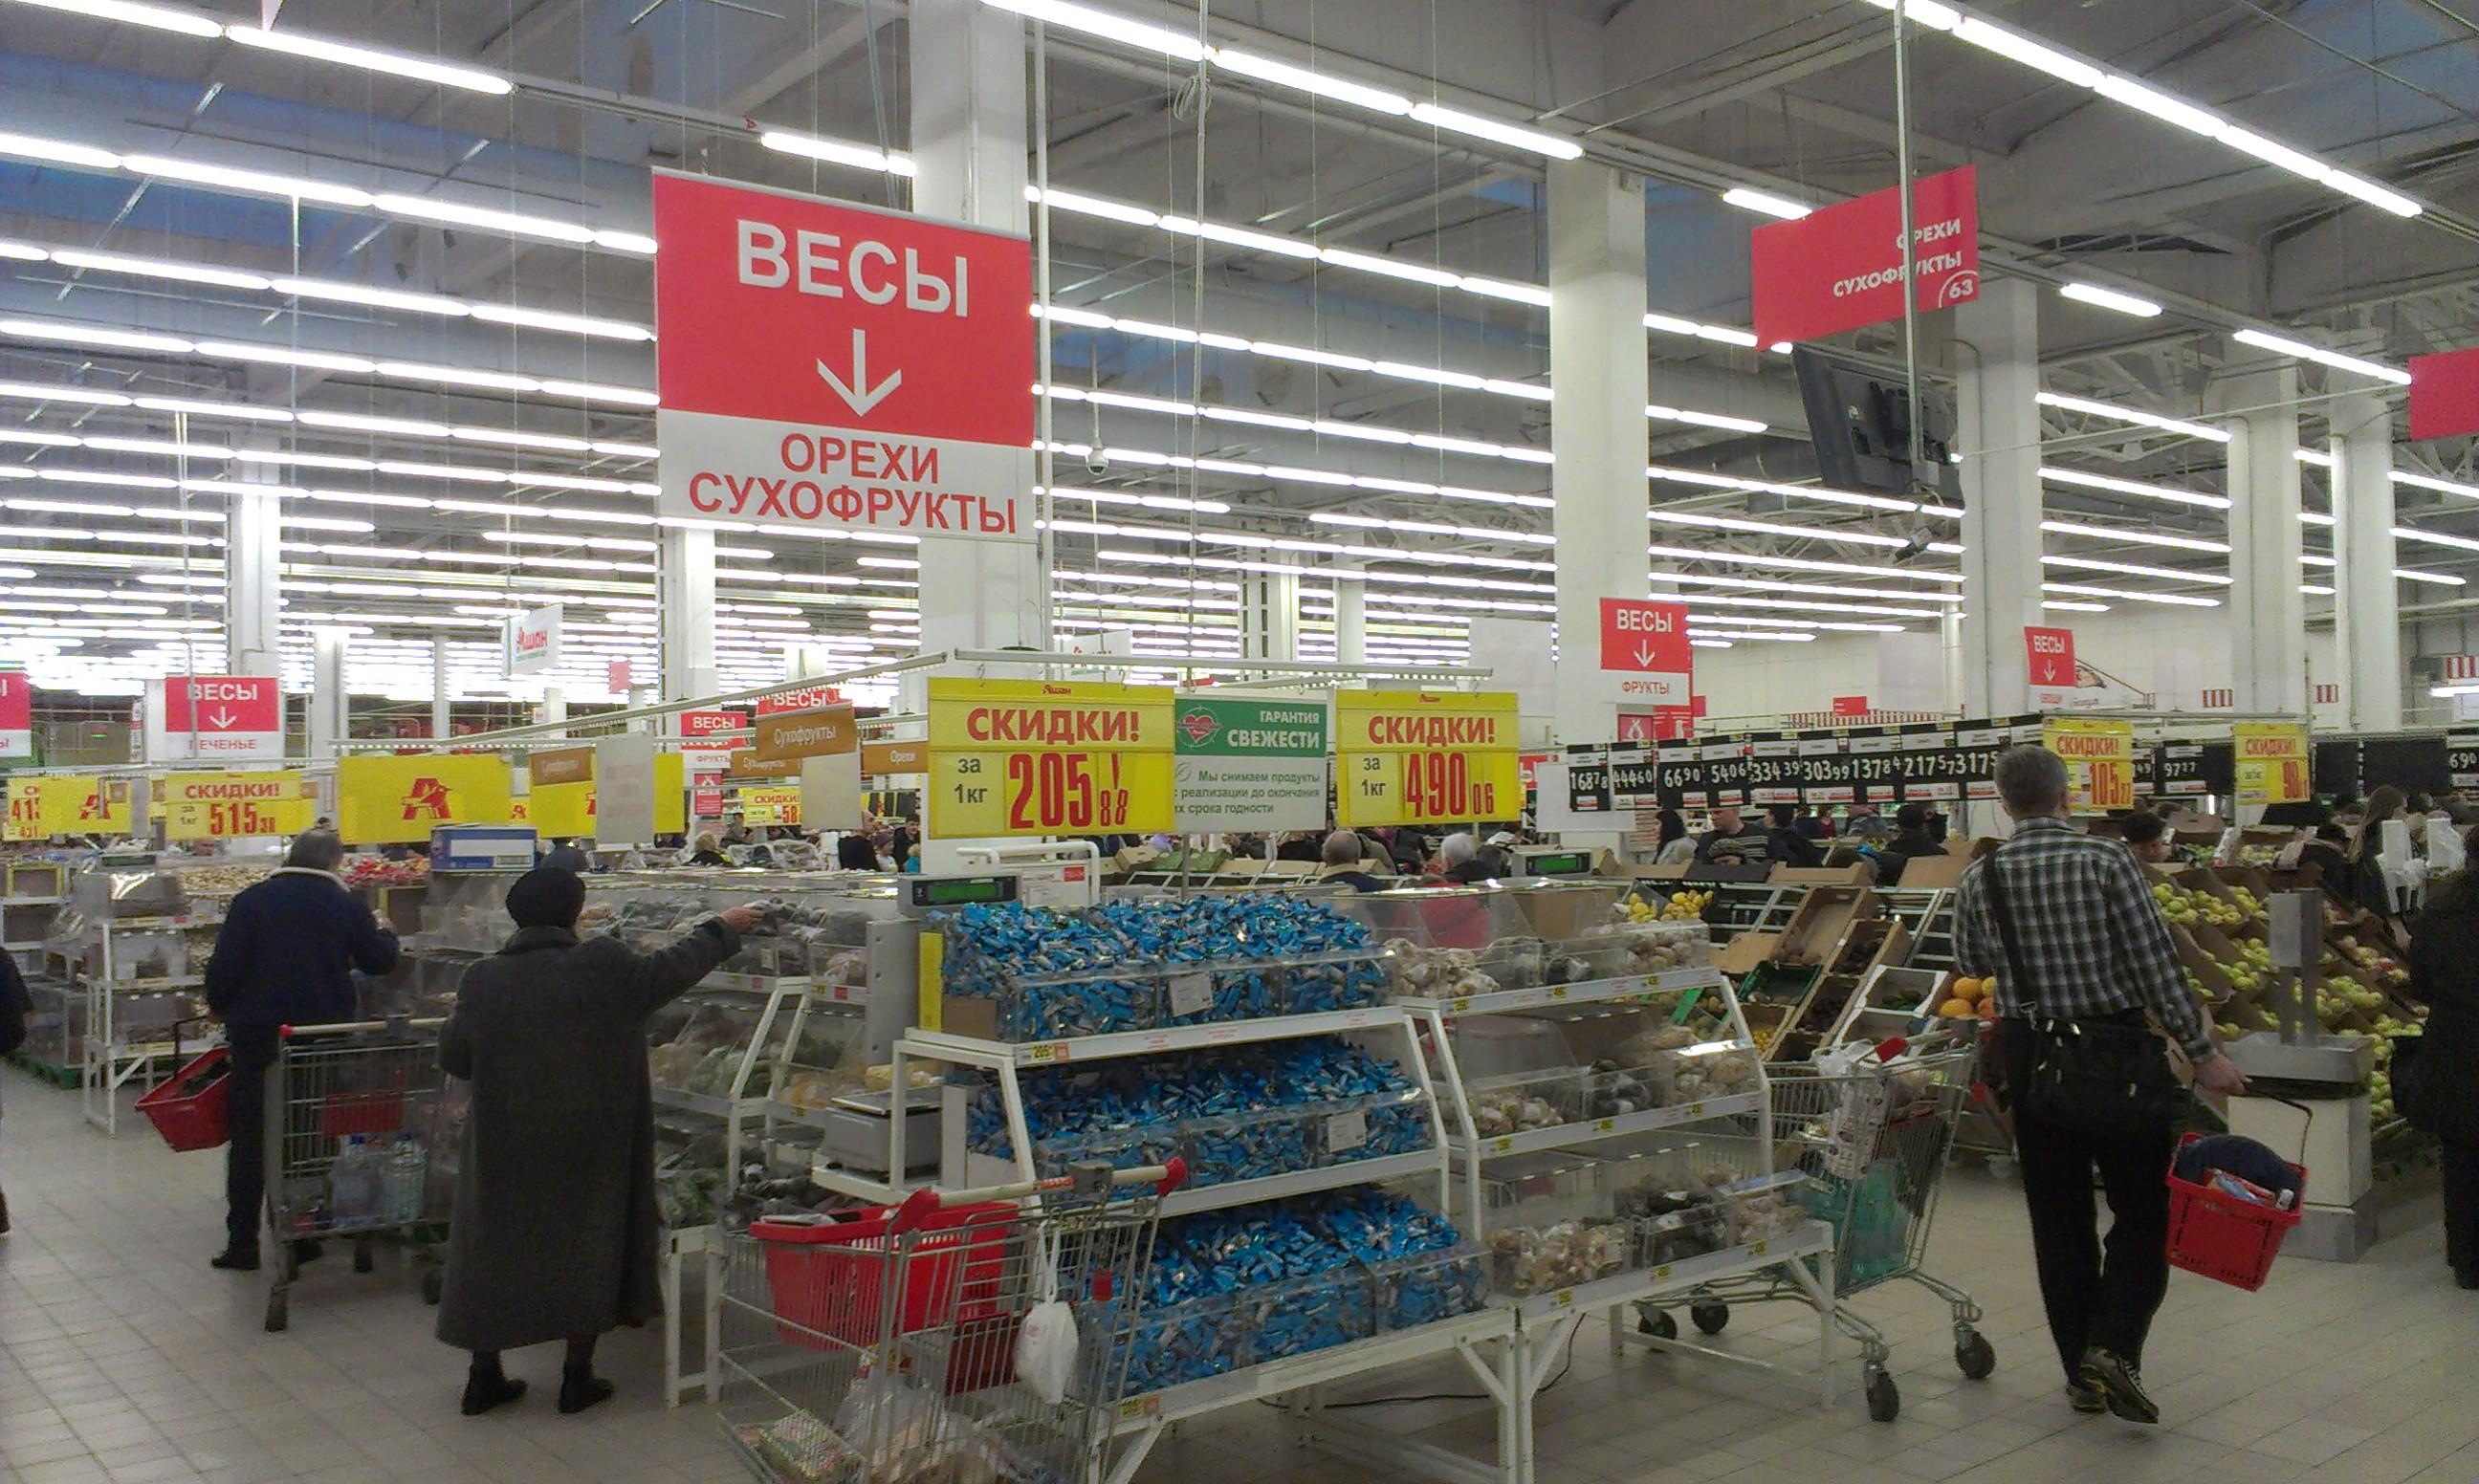 Ашан Город Москва Магазины